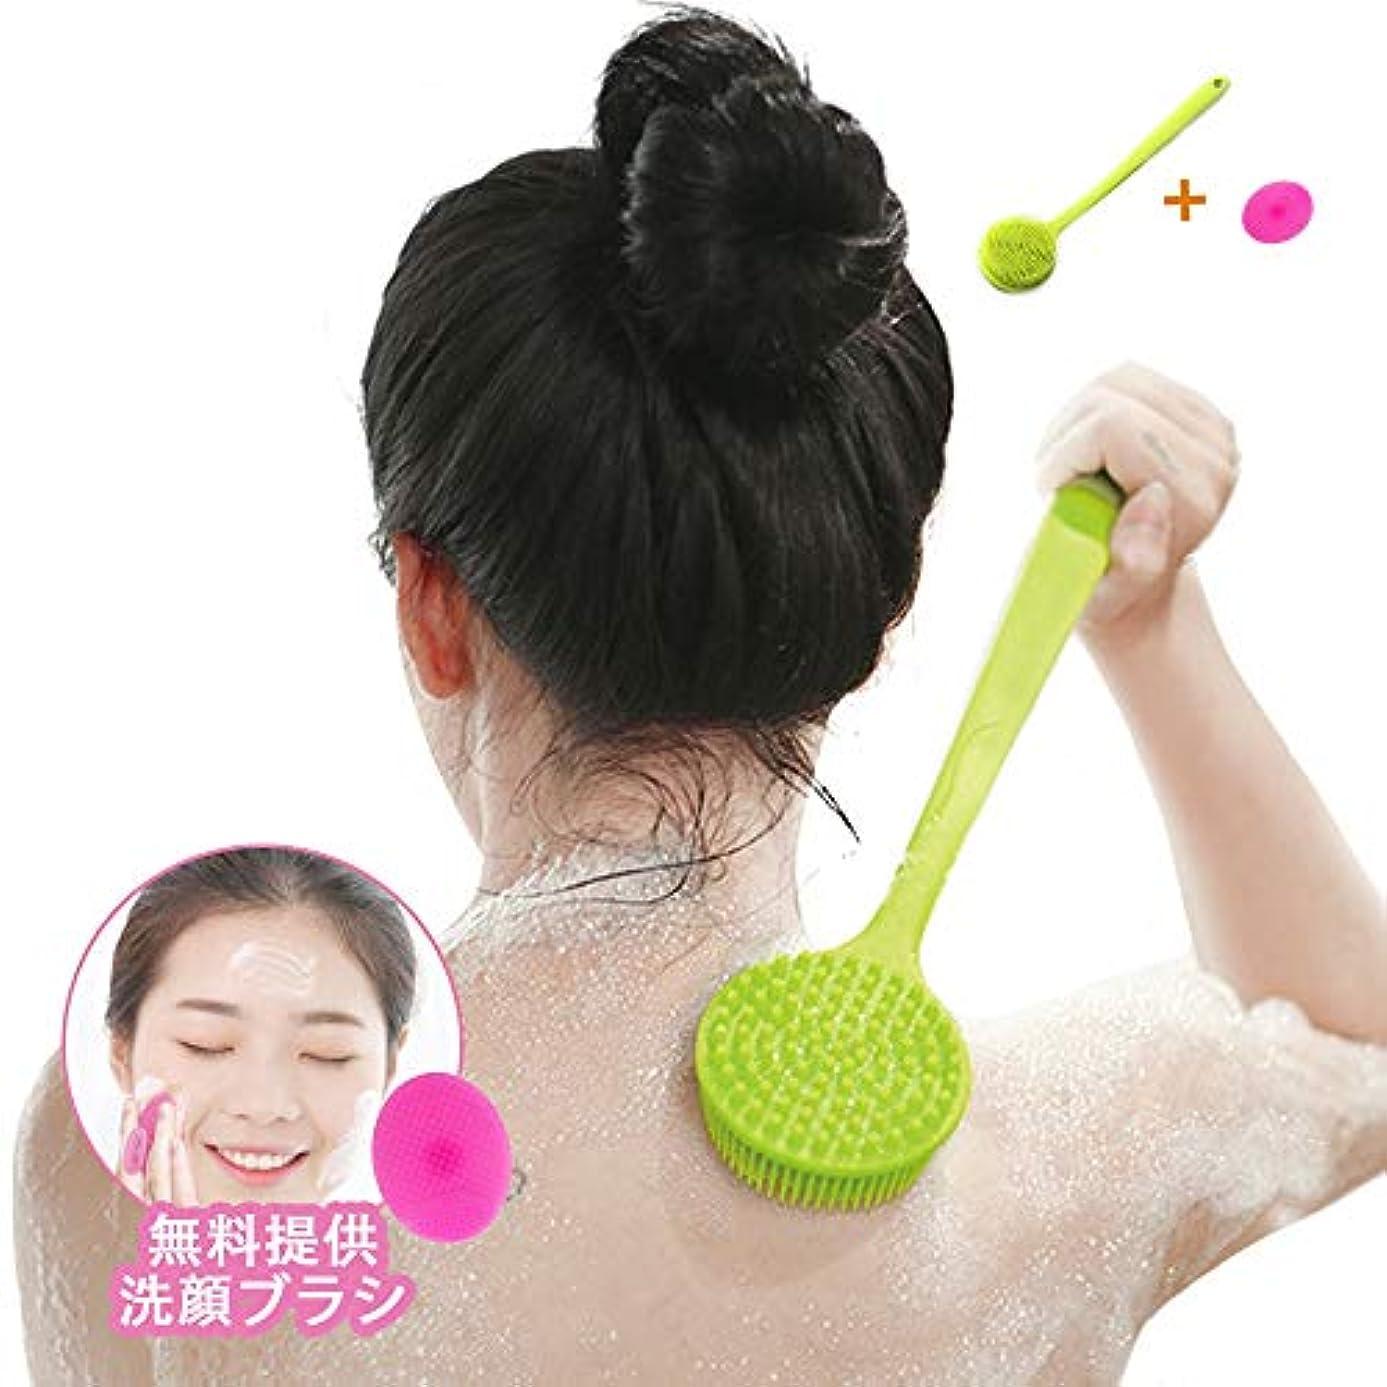 含むドアミラースポットNewsmy ボディブラシ シャワー お風呂 体洗いブラシ バスブラシ シリコーン 多機能 超柔らかい毛 血行促進 角質除去 洗顔ブラシ